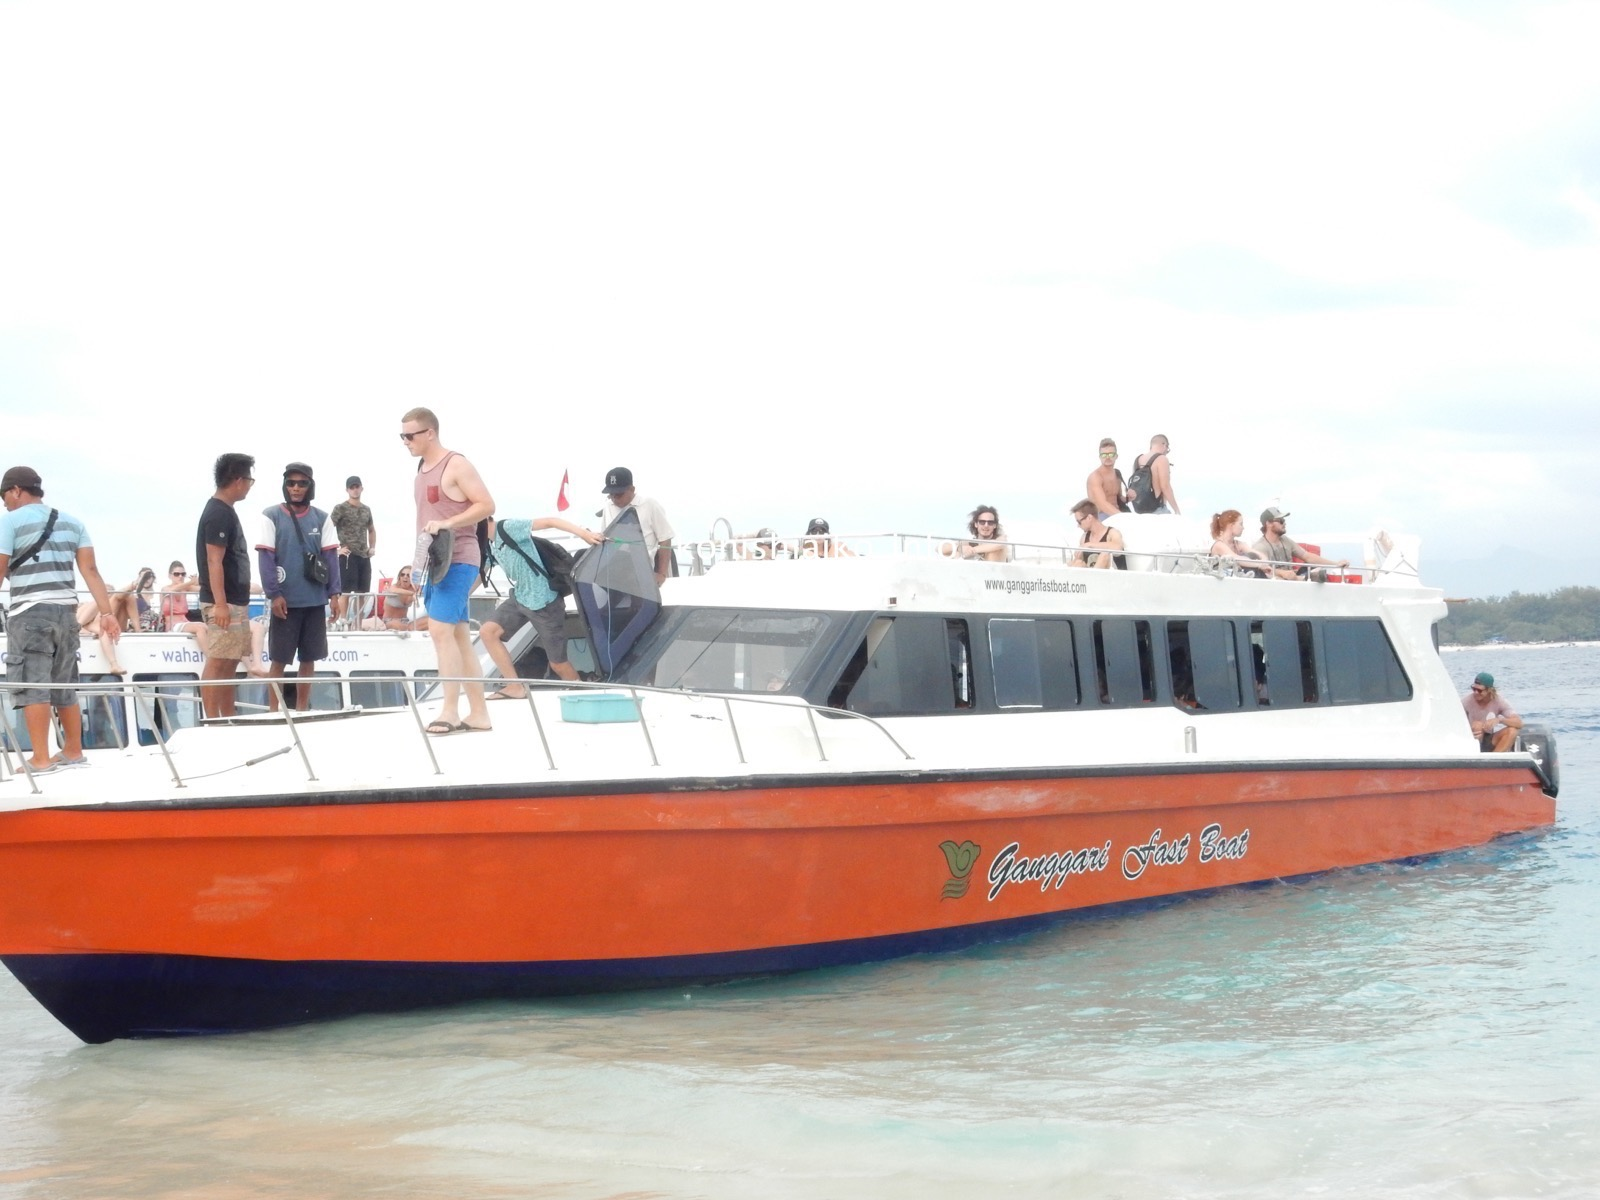 バリ発のGanggari Fast Boatが到着!乗客が降りたら私たちが乗り込む